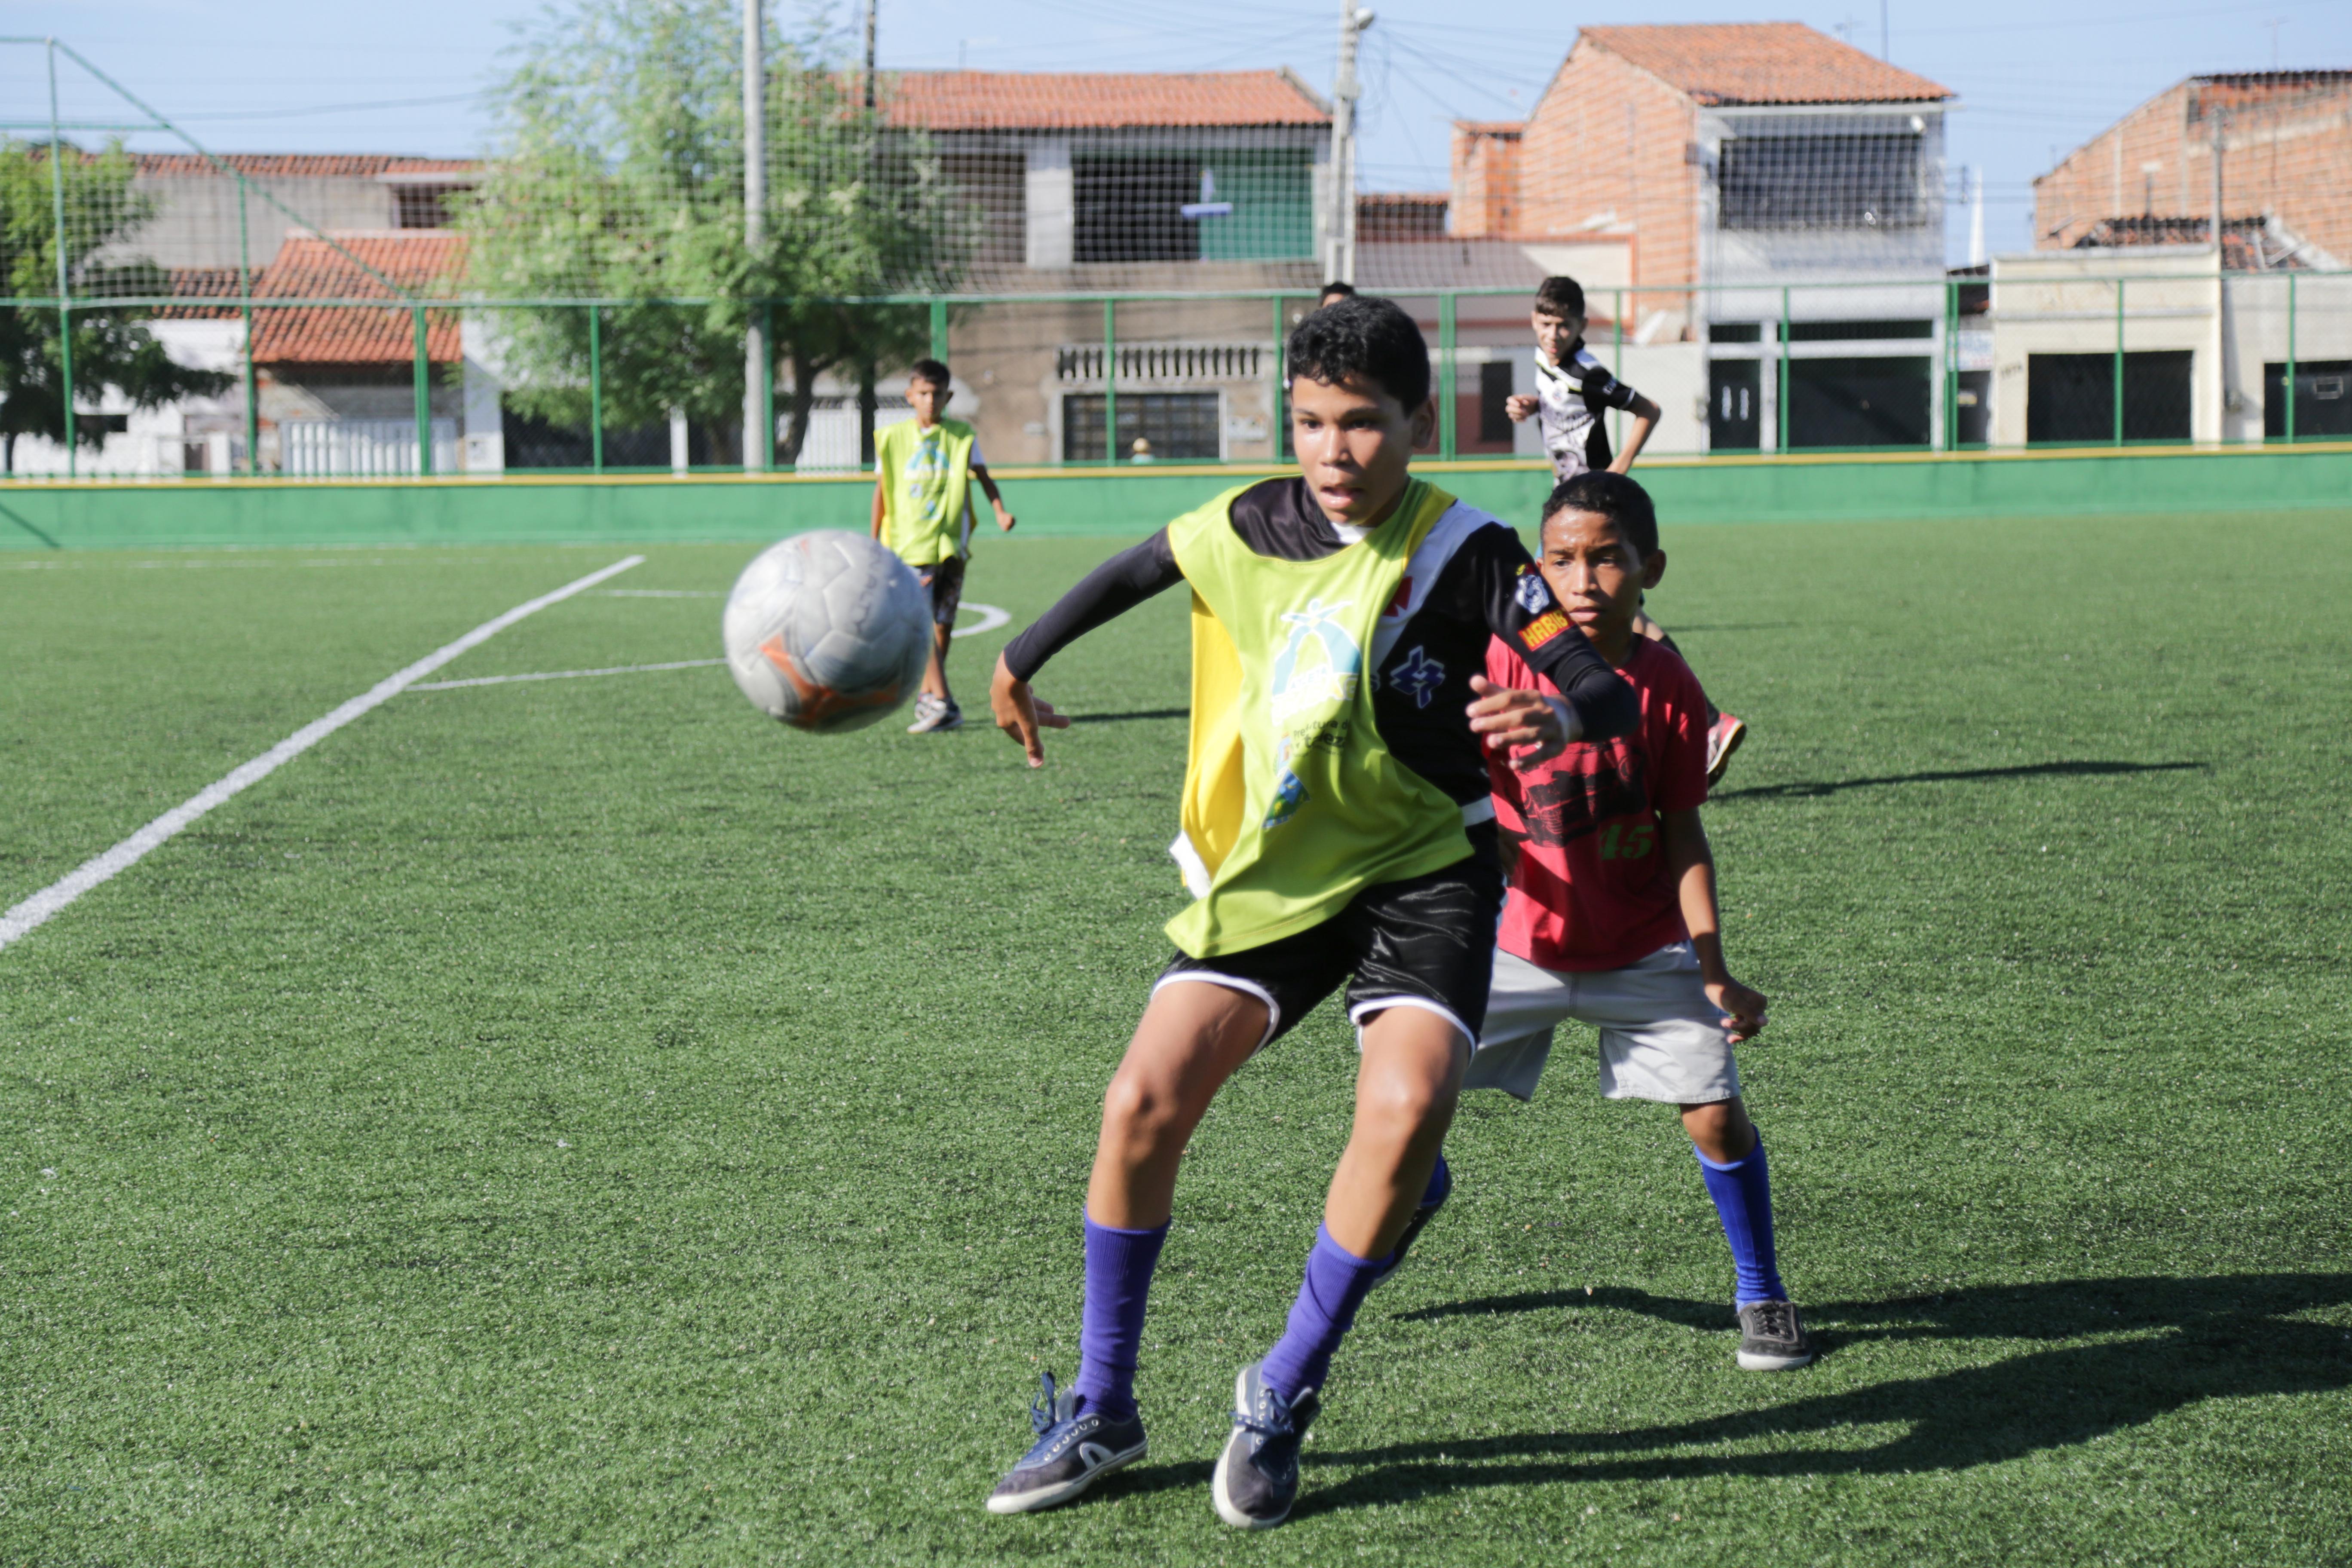 A Areninha Conjunto Ceará é o novo equipamento esportivo entregue (FOTO: Thiago Gaspar)